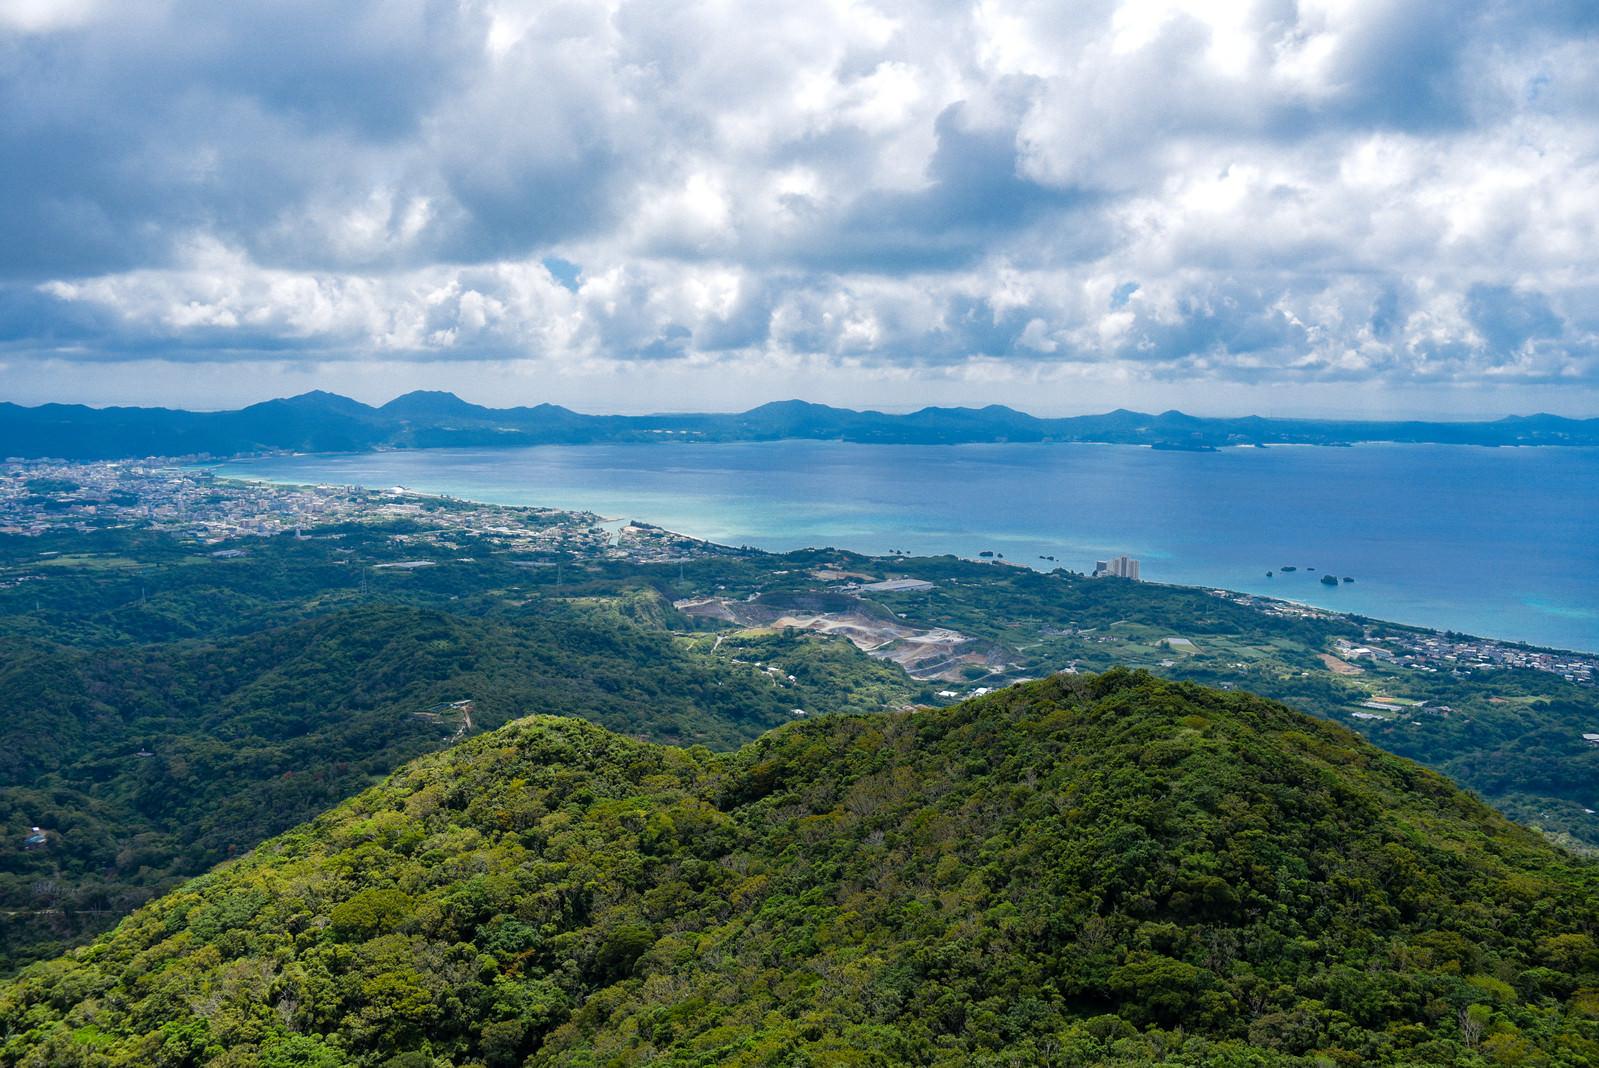 「嘉津宇岳から見る名護の街並みと青い海(沖縄県)」の写真